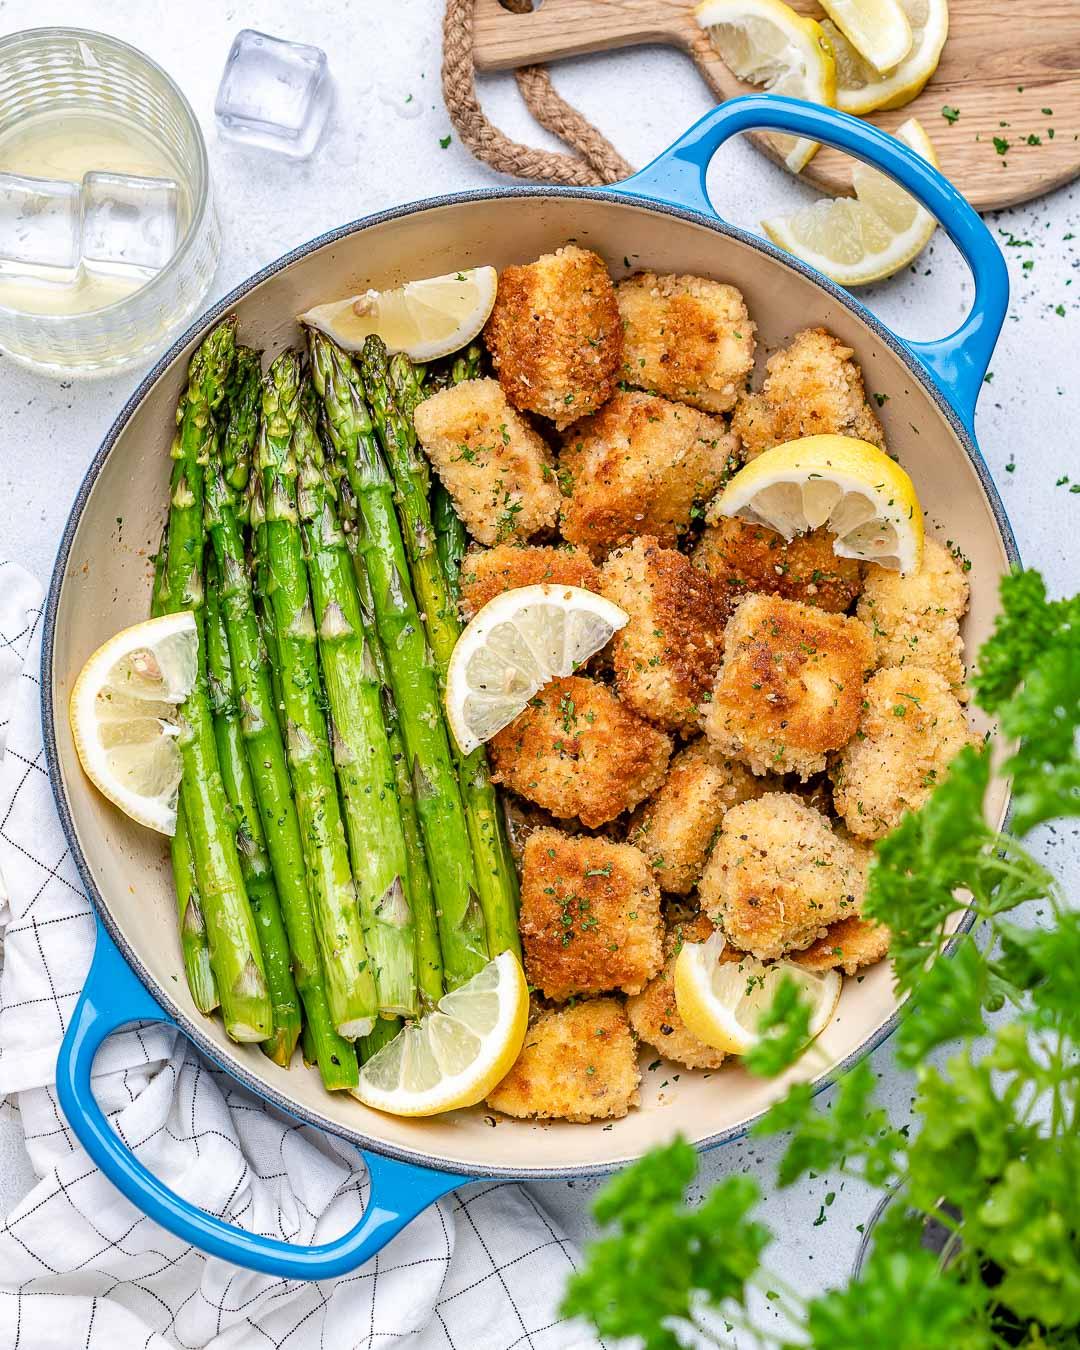 Garlic Butter Chicken Bites With Lemon Asparagus-29